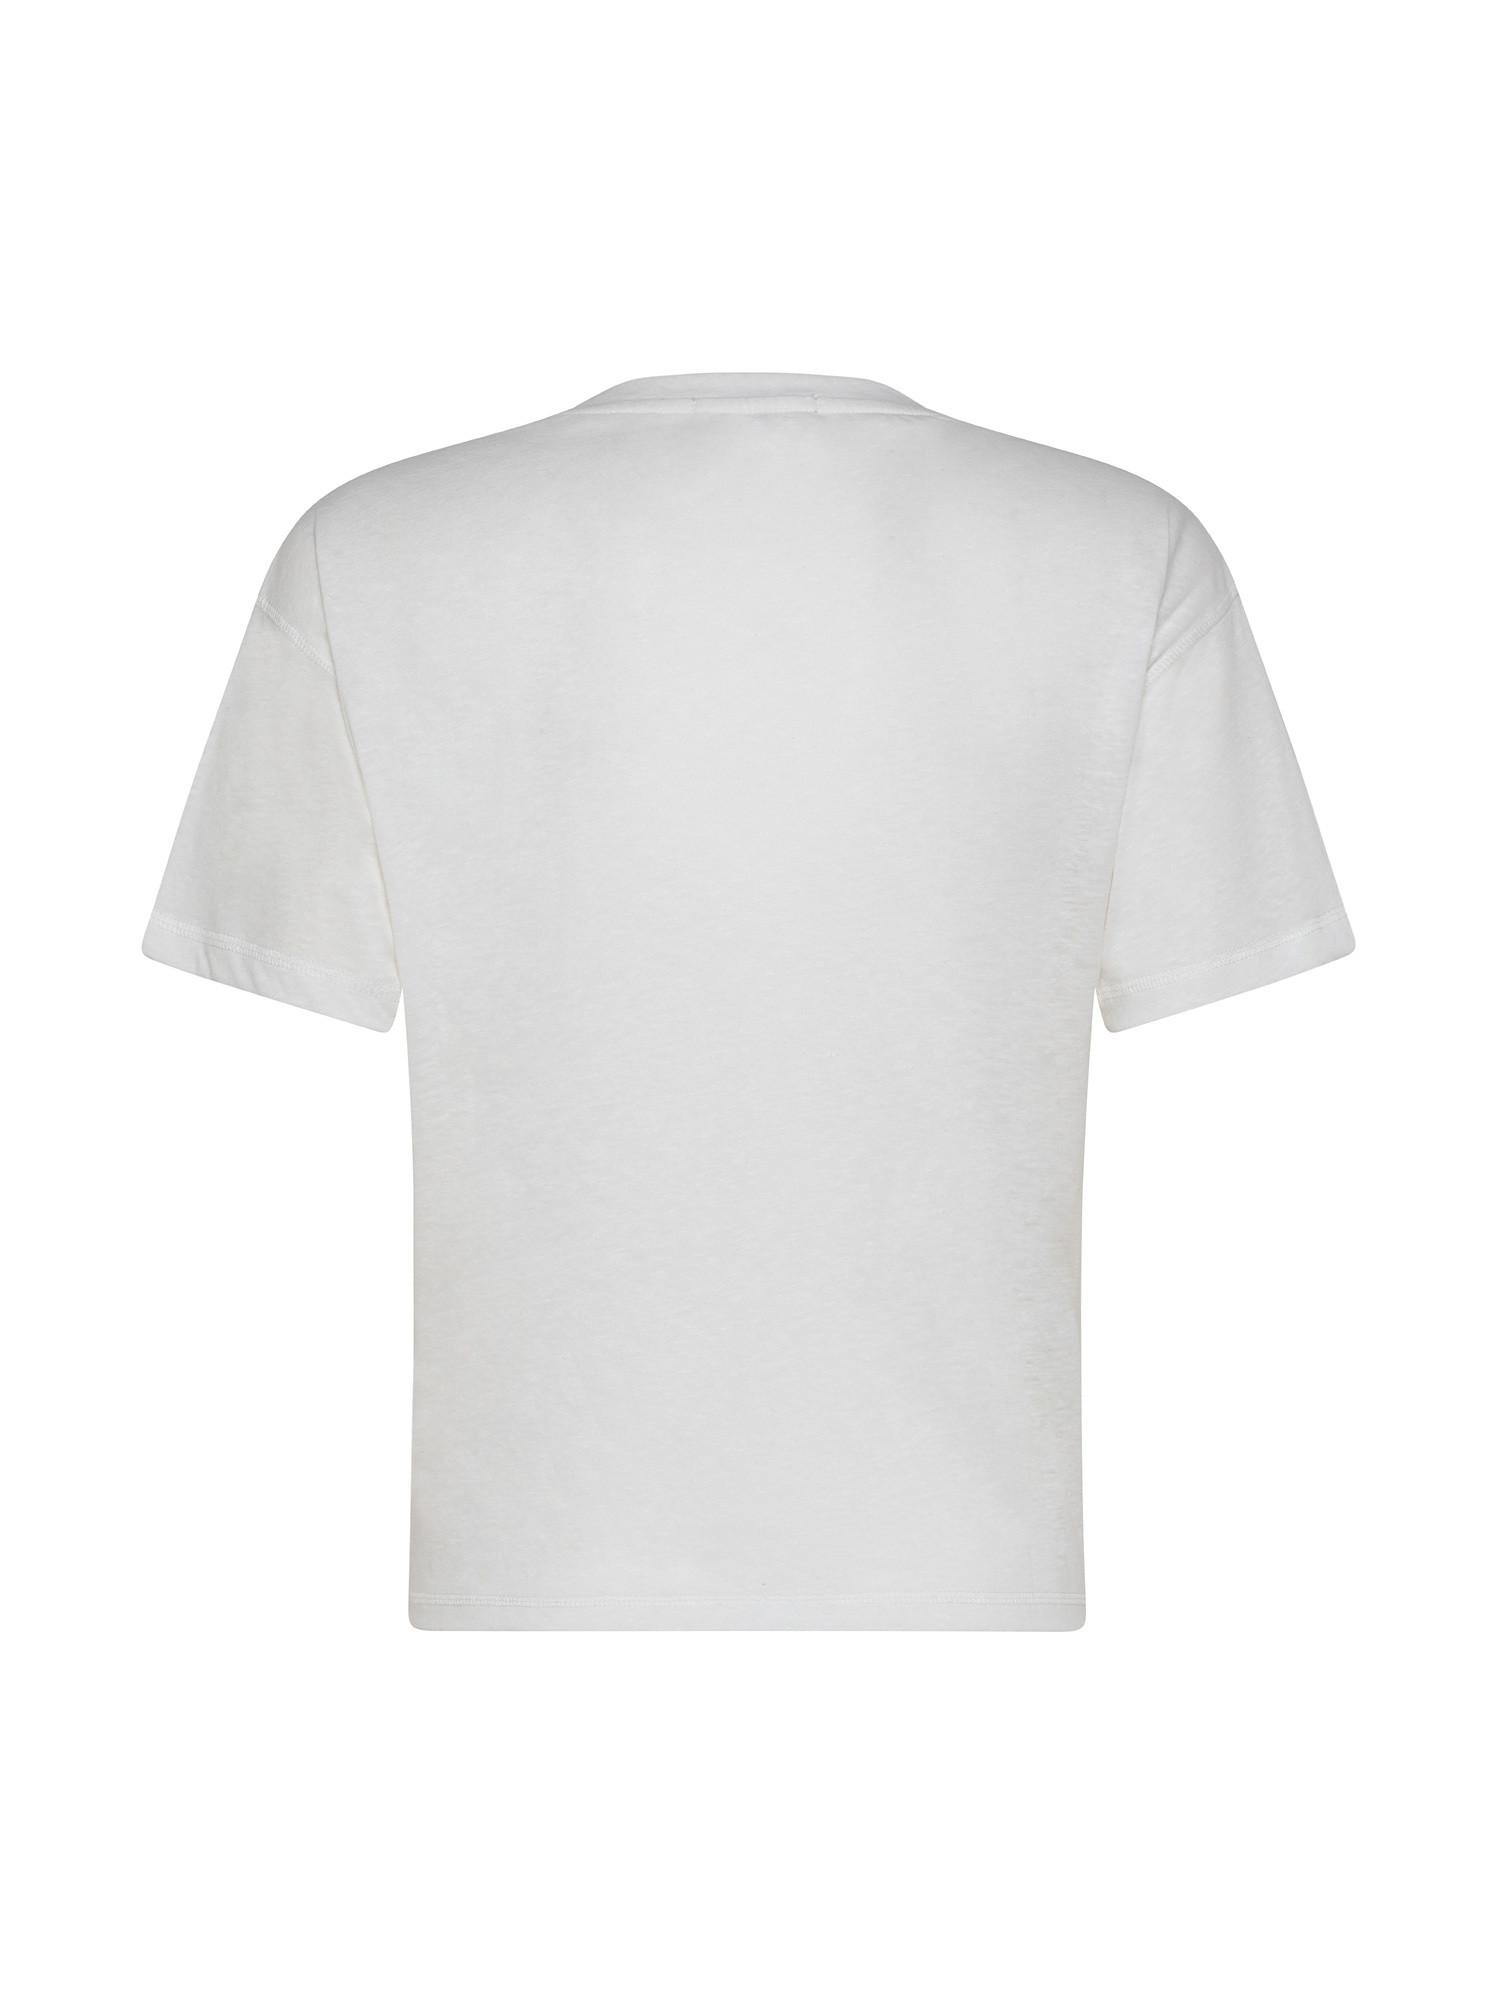 T-Shirt donna Amaya, Beige, large image number 1